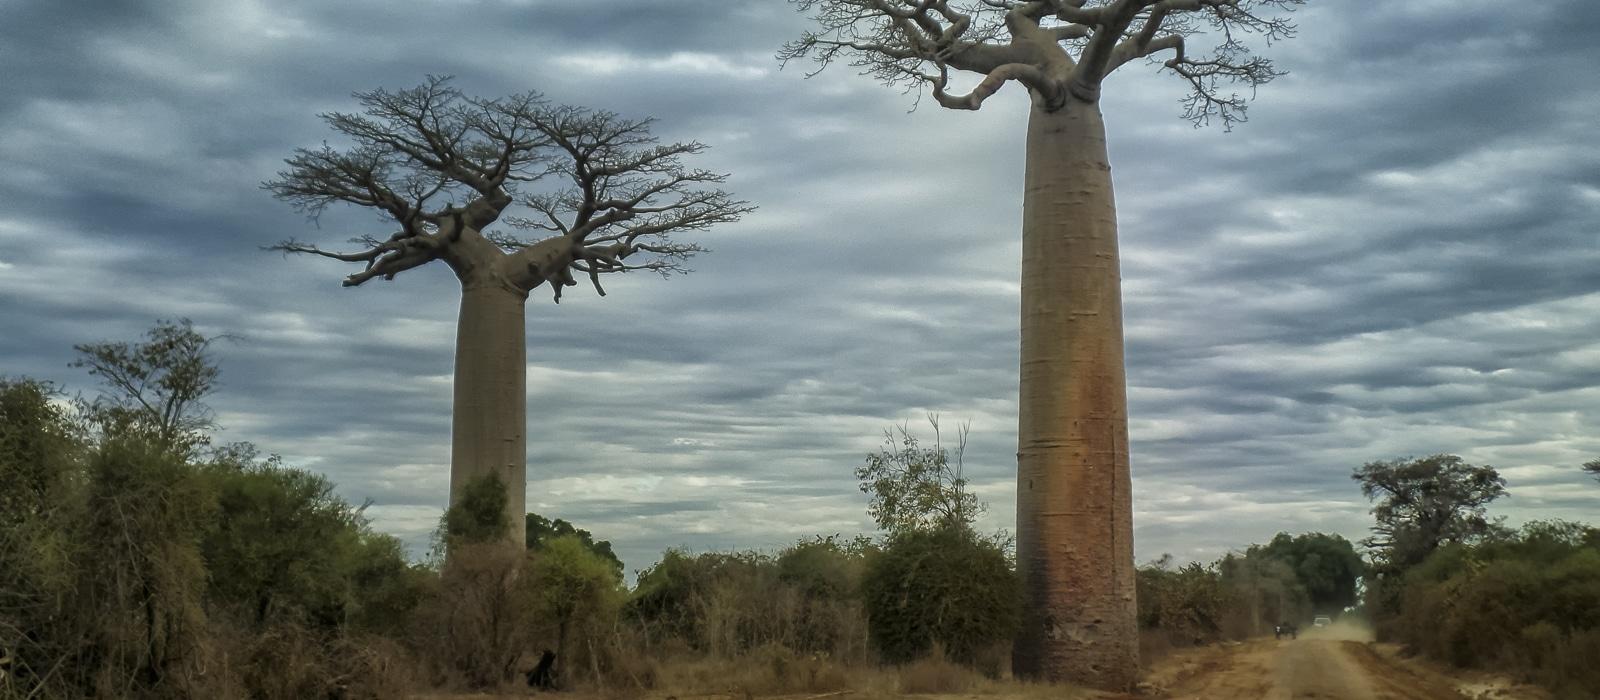 img-diapo-entete - Madagascar-1600x700-13.jpg